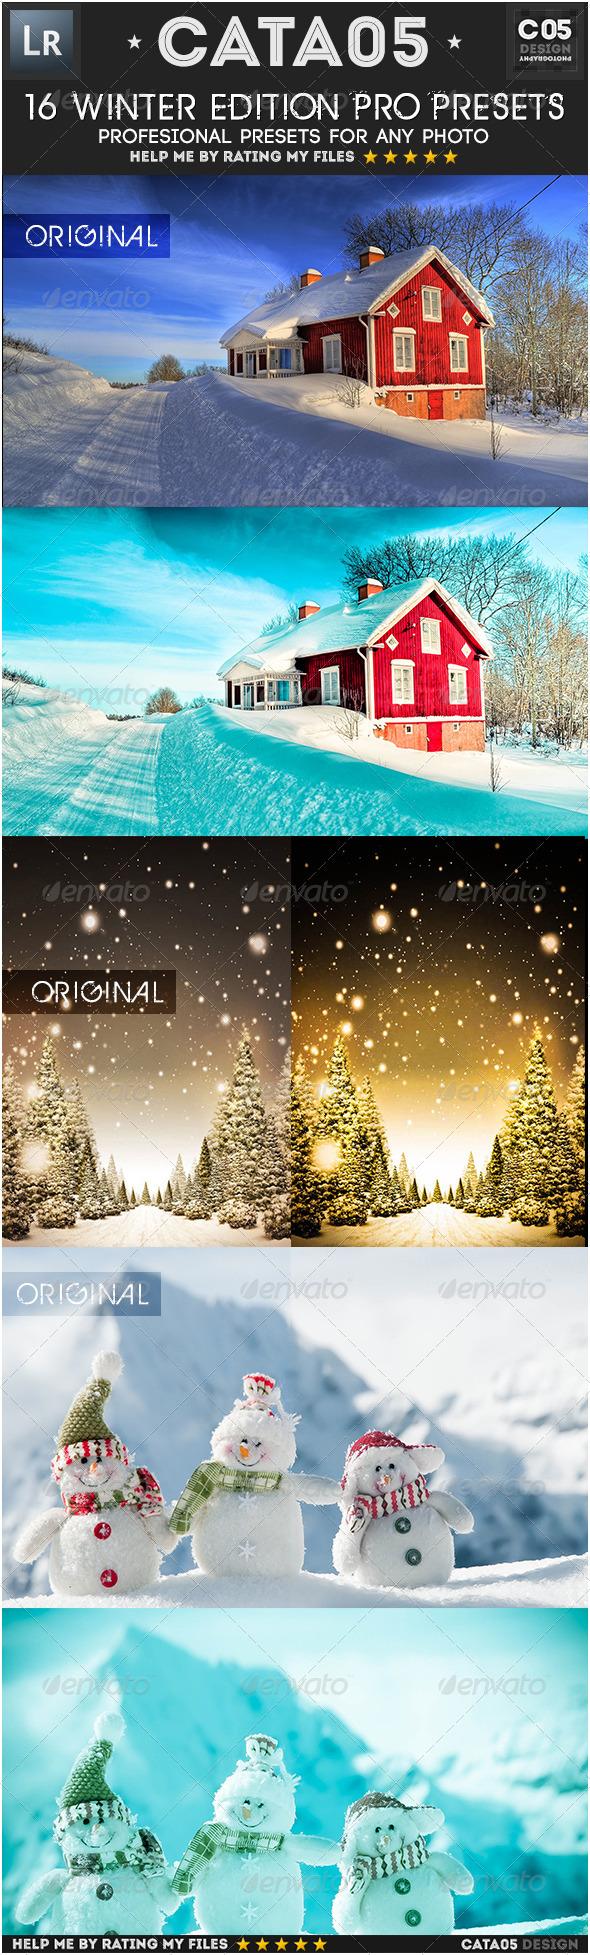 GraphicRiver 16 Winter Edition Pro Presets 6453643